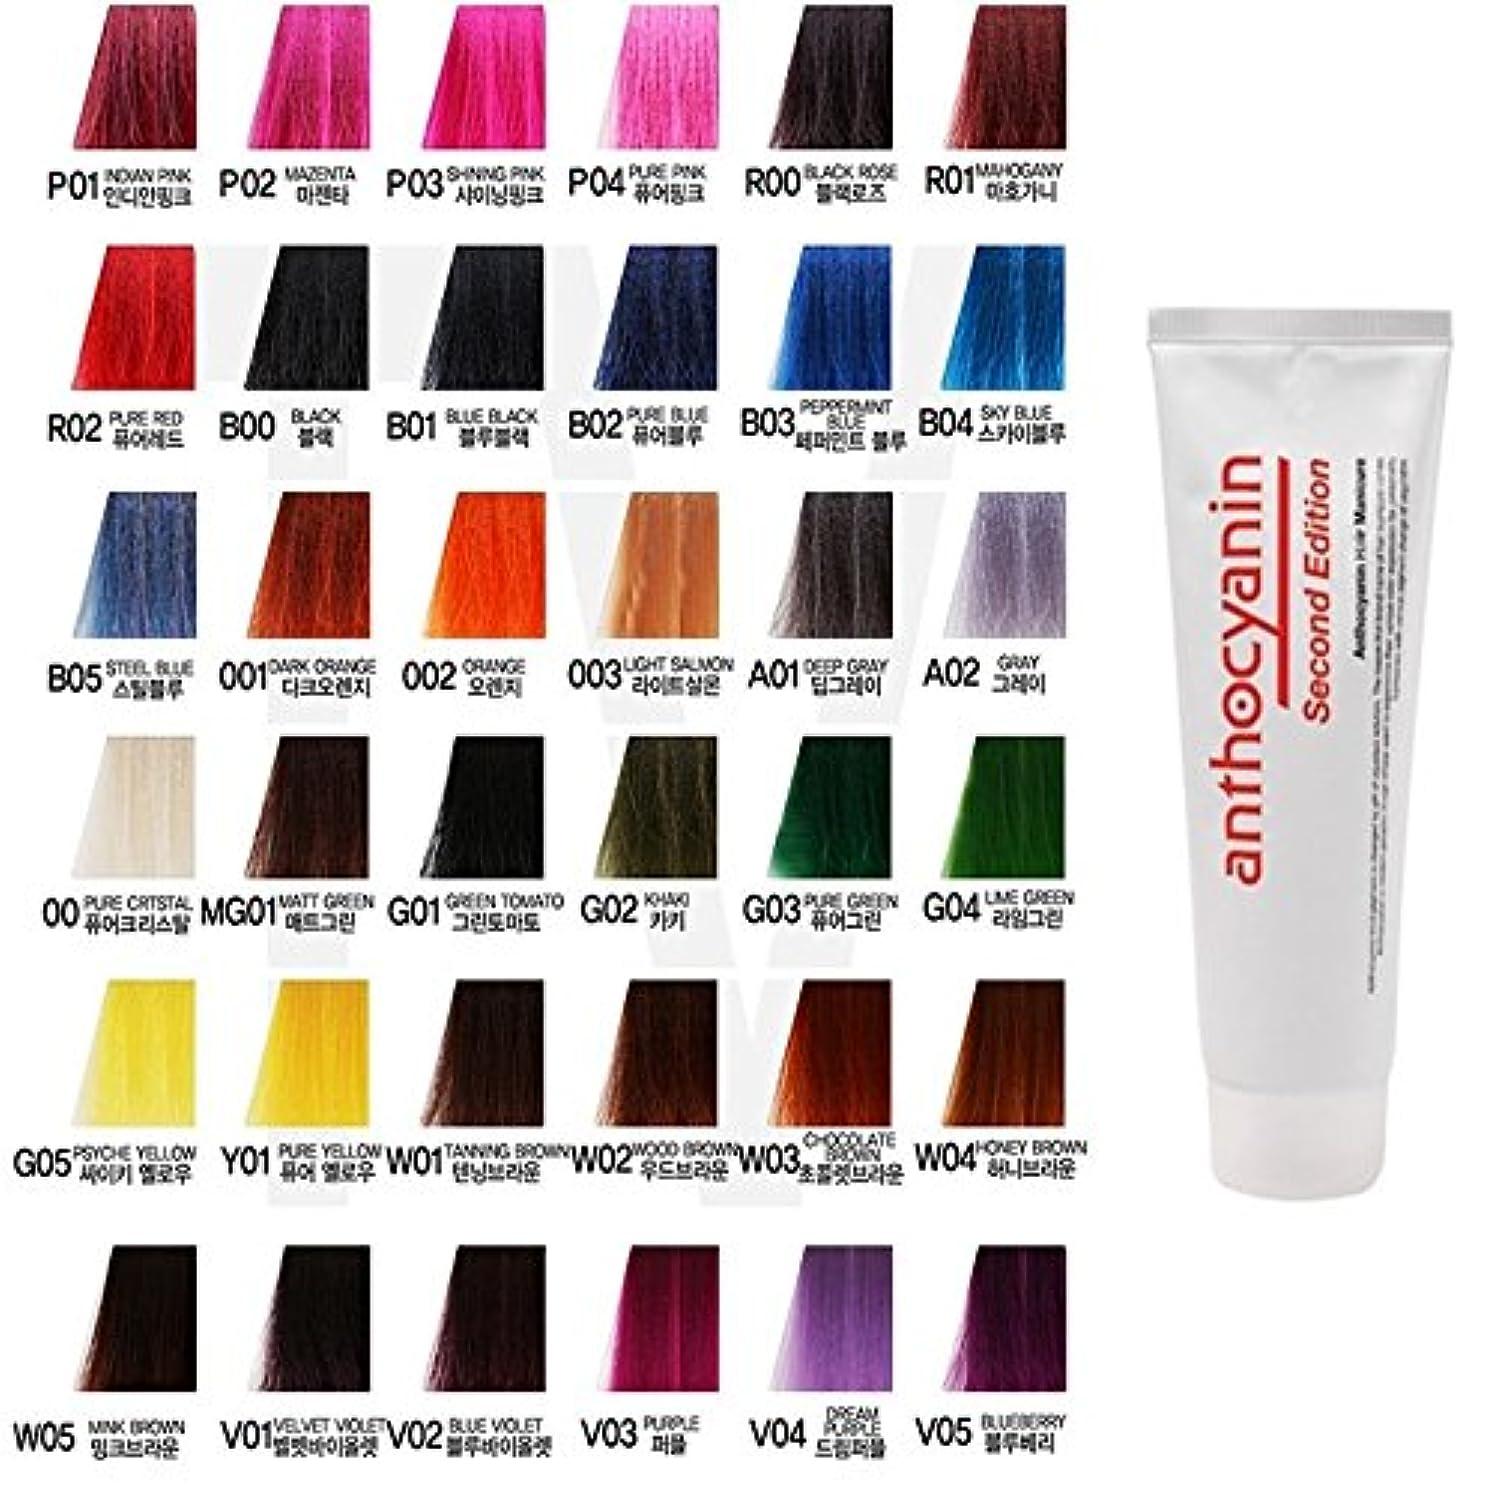 信じられないウェイド拡声器ヘア マニキュア カラー セカンド エディション 230g セミ パーマネント 染毛剤 ( Hair Manicure Color Second Edition 230g Semi Permanent Hair Dye) [並行輸入品] (WA03 Mud Brown)